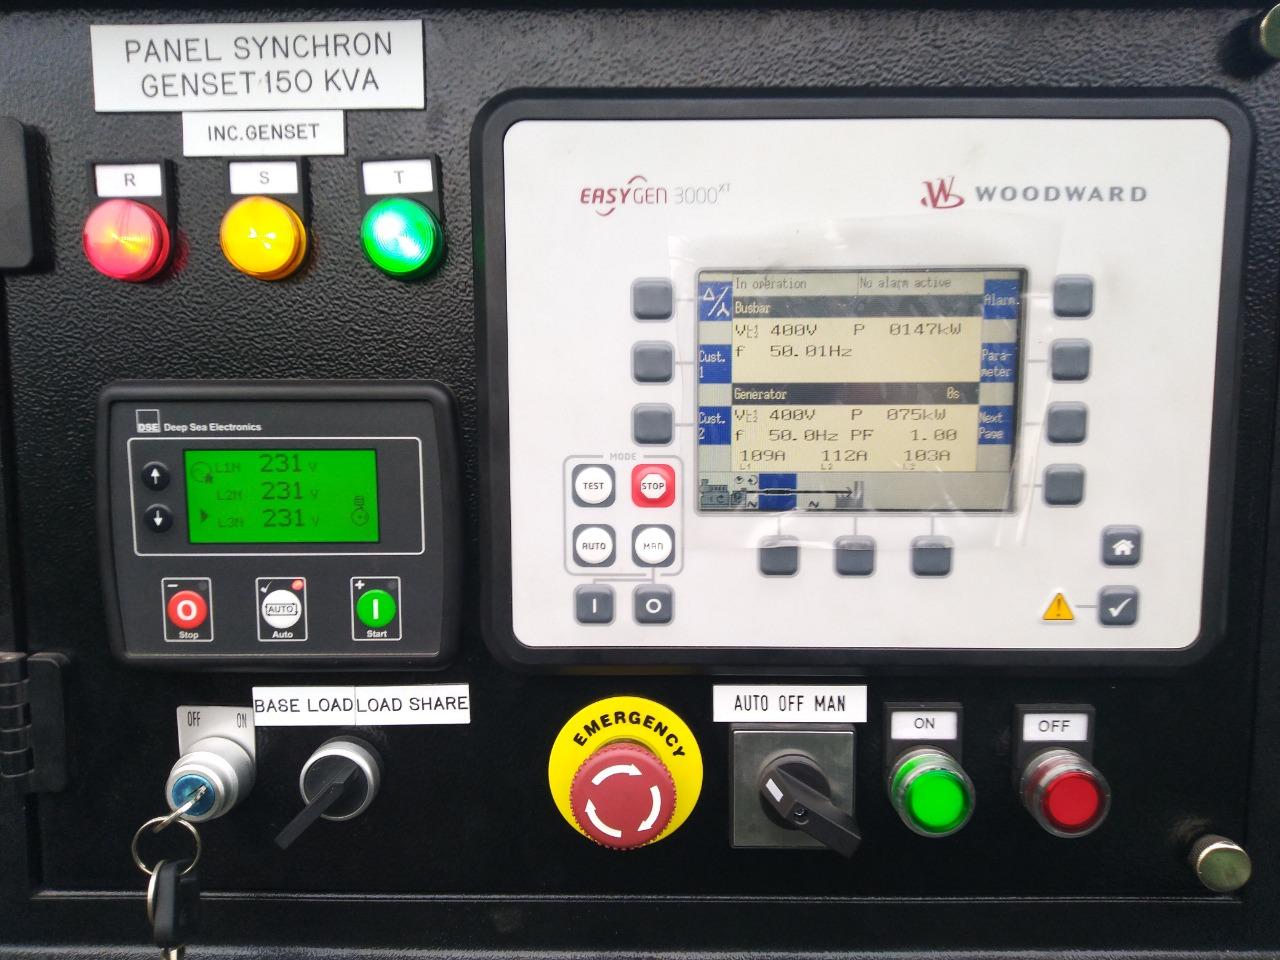 Jasa Service Panel Sinkron Genset